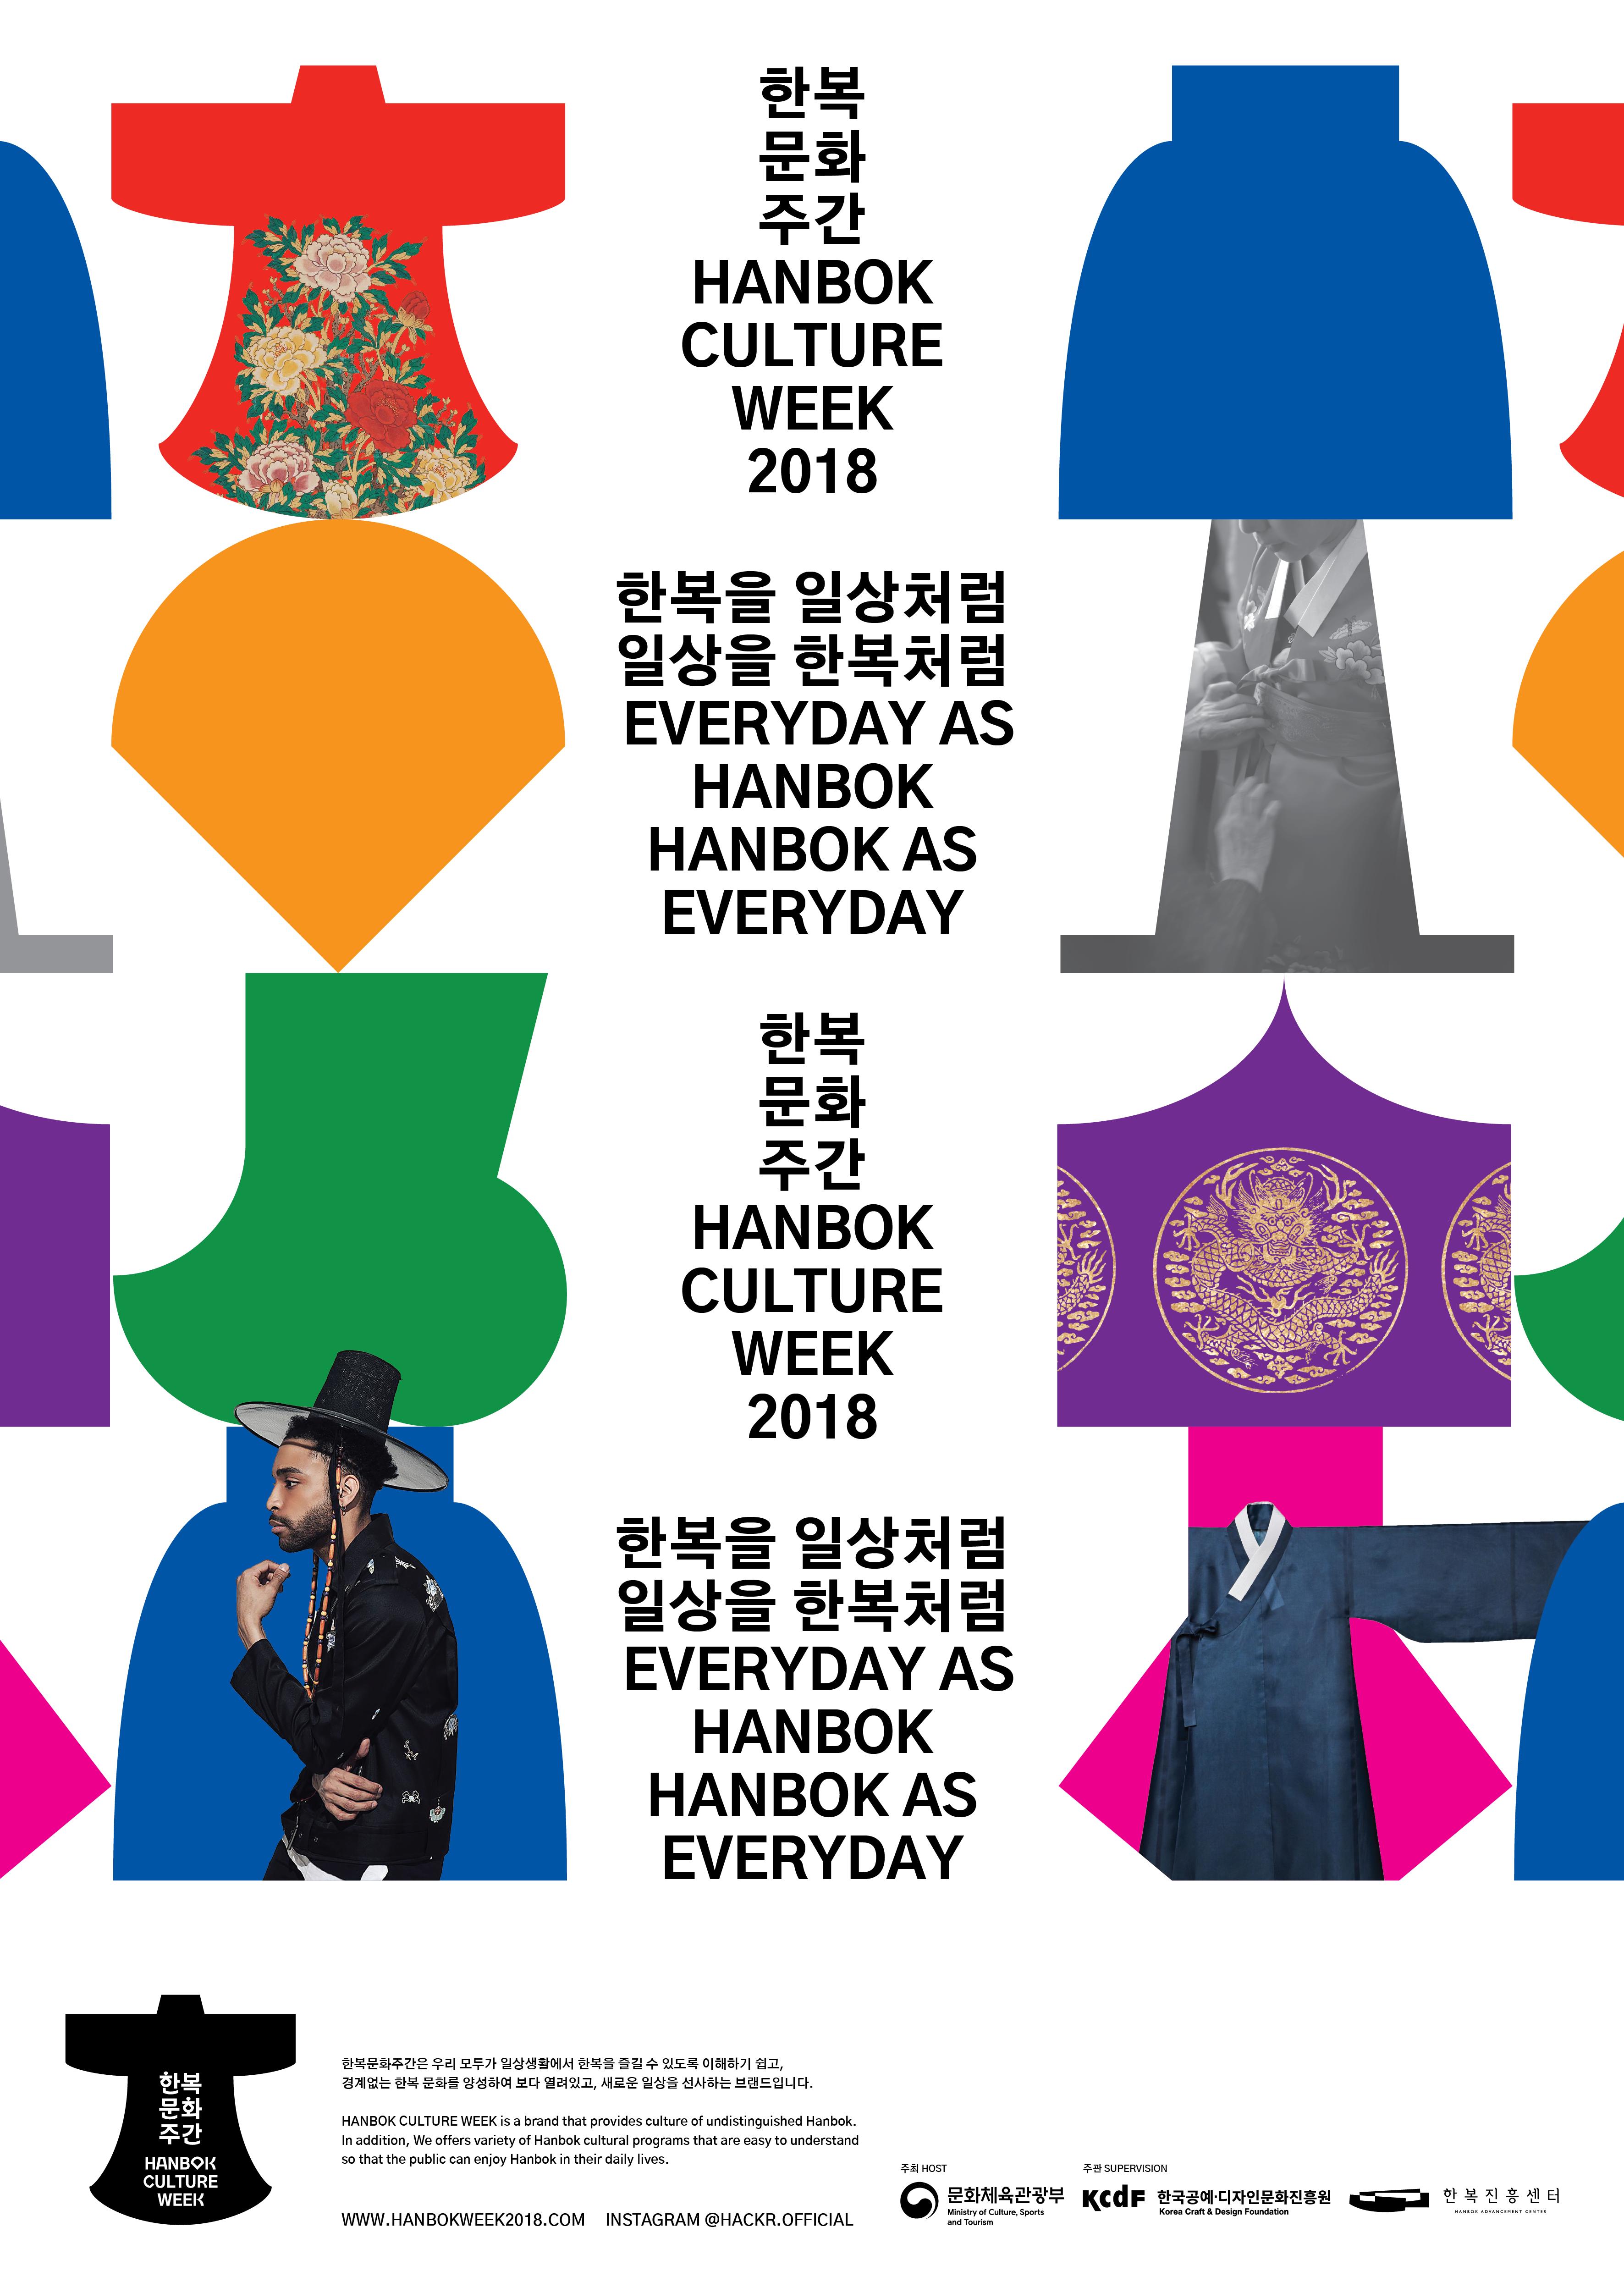 한복문화주간_HCW_Poster_A1_Main_CMYK-01.png